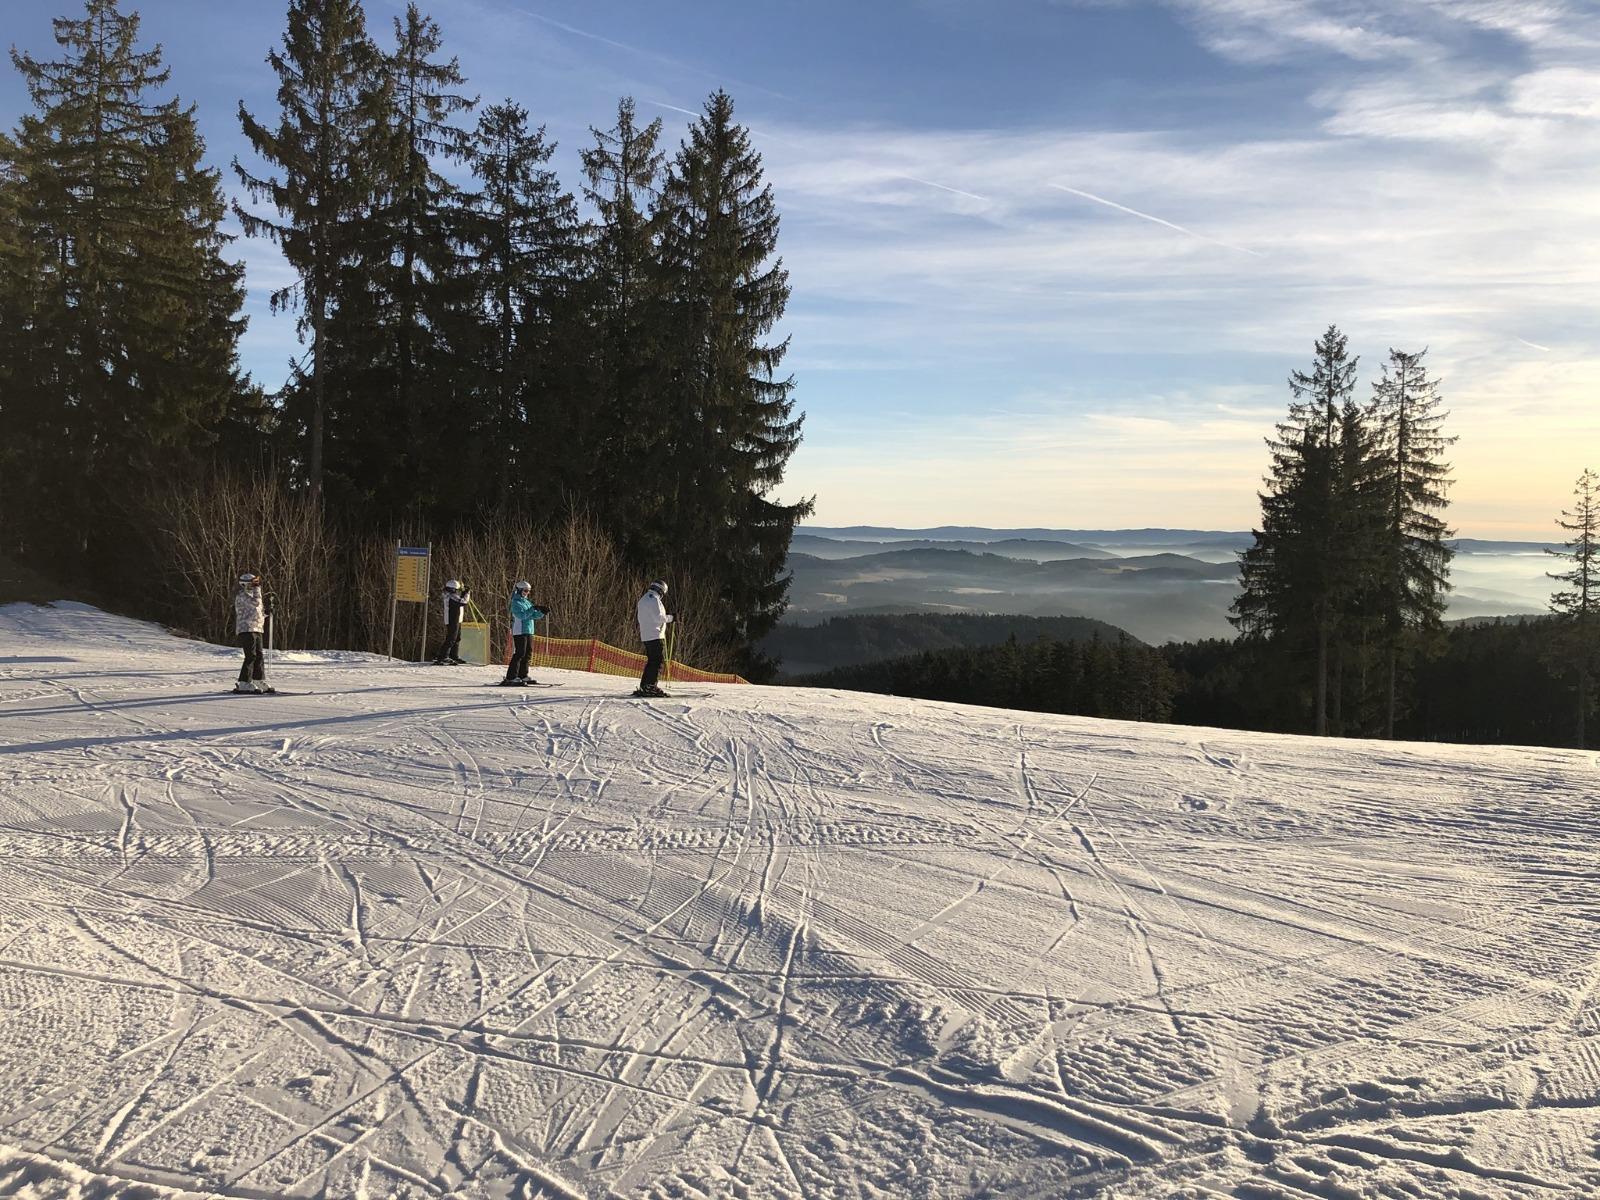 Dobré sněhové podmínky na Lipně - a spousta sluníčka